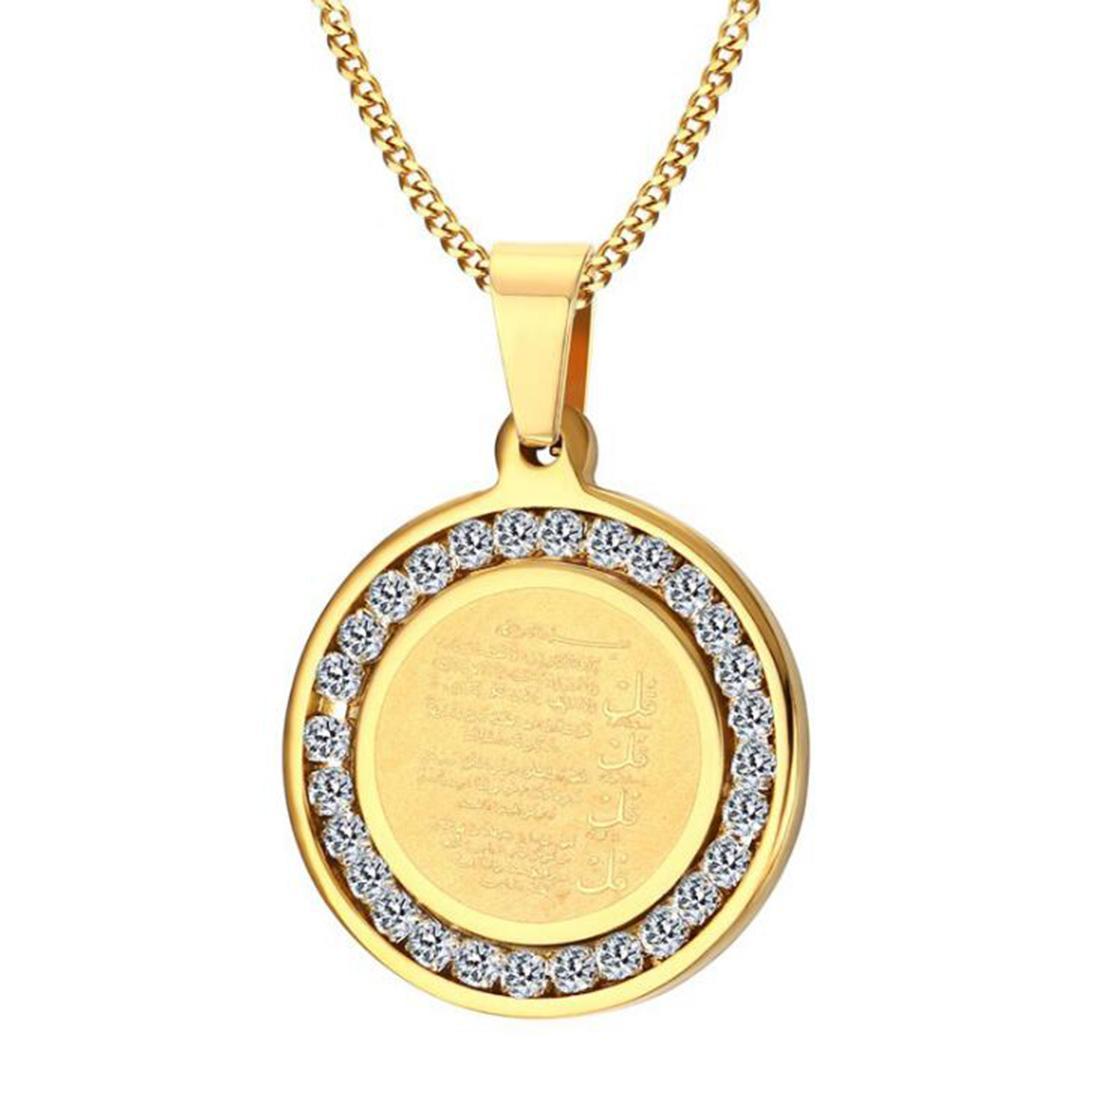 Iced Out Chirurgico in acciaio 18 carati placcato oro arabo Islam Religione Preghiera Corano Parole CZ Inlay Decorazione pendente Collana